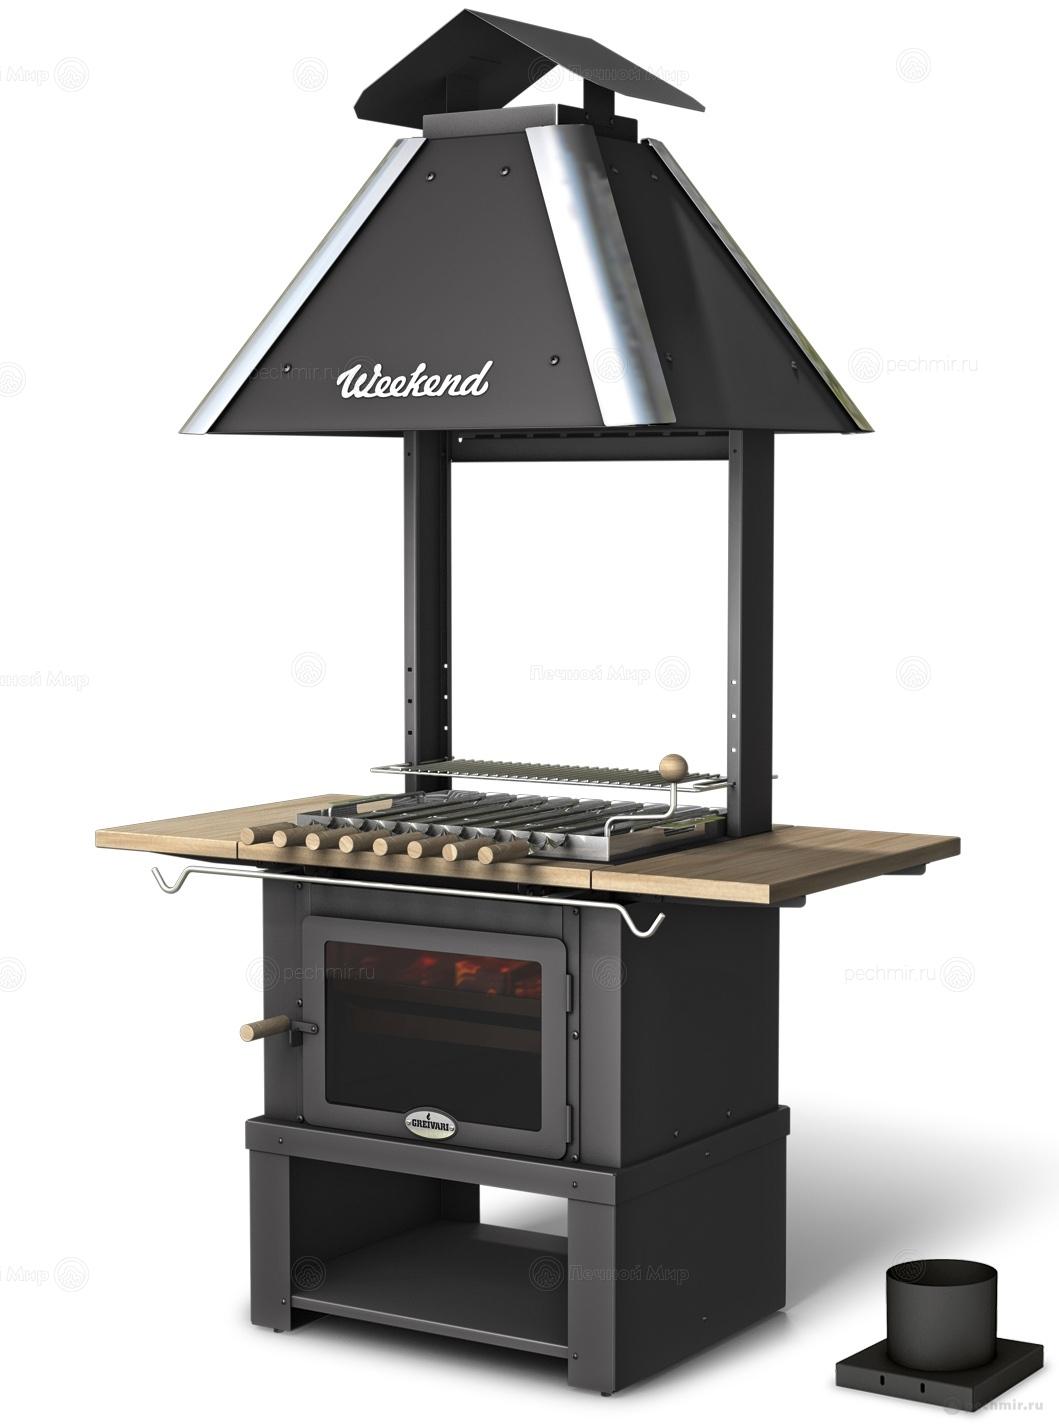 Барбекю-грильдля камины электрические с эффектом живого пламени купить дешево